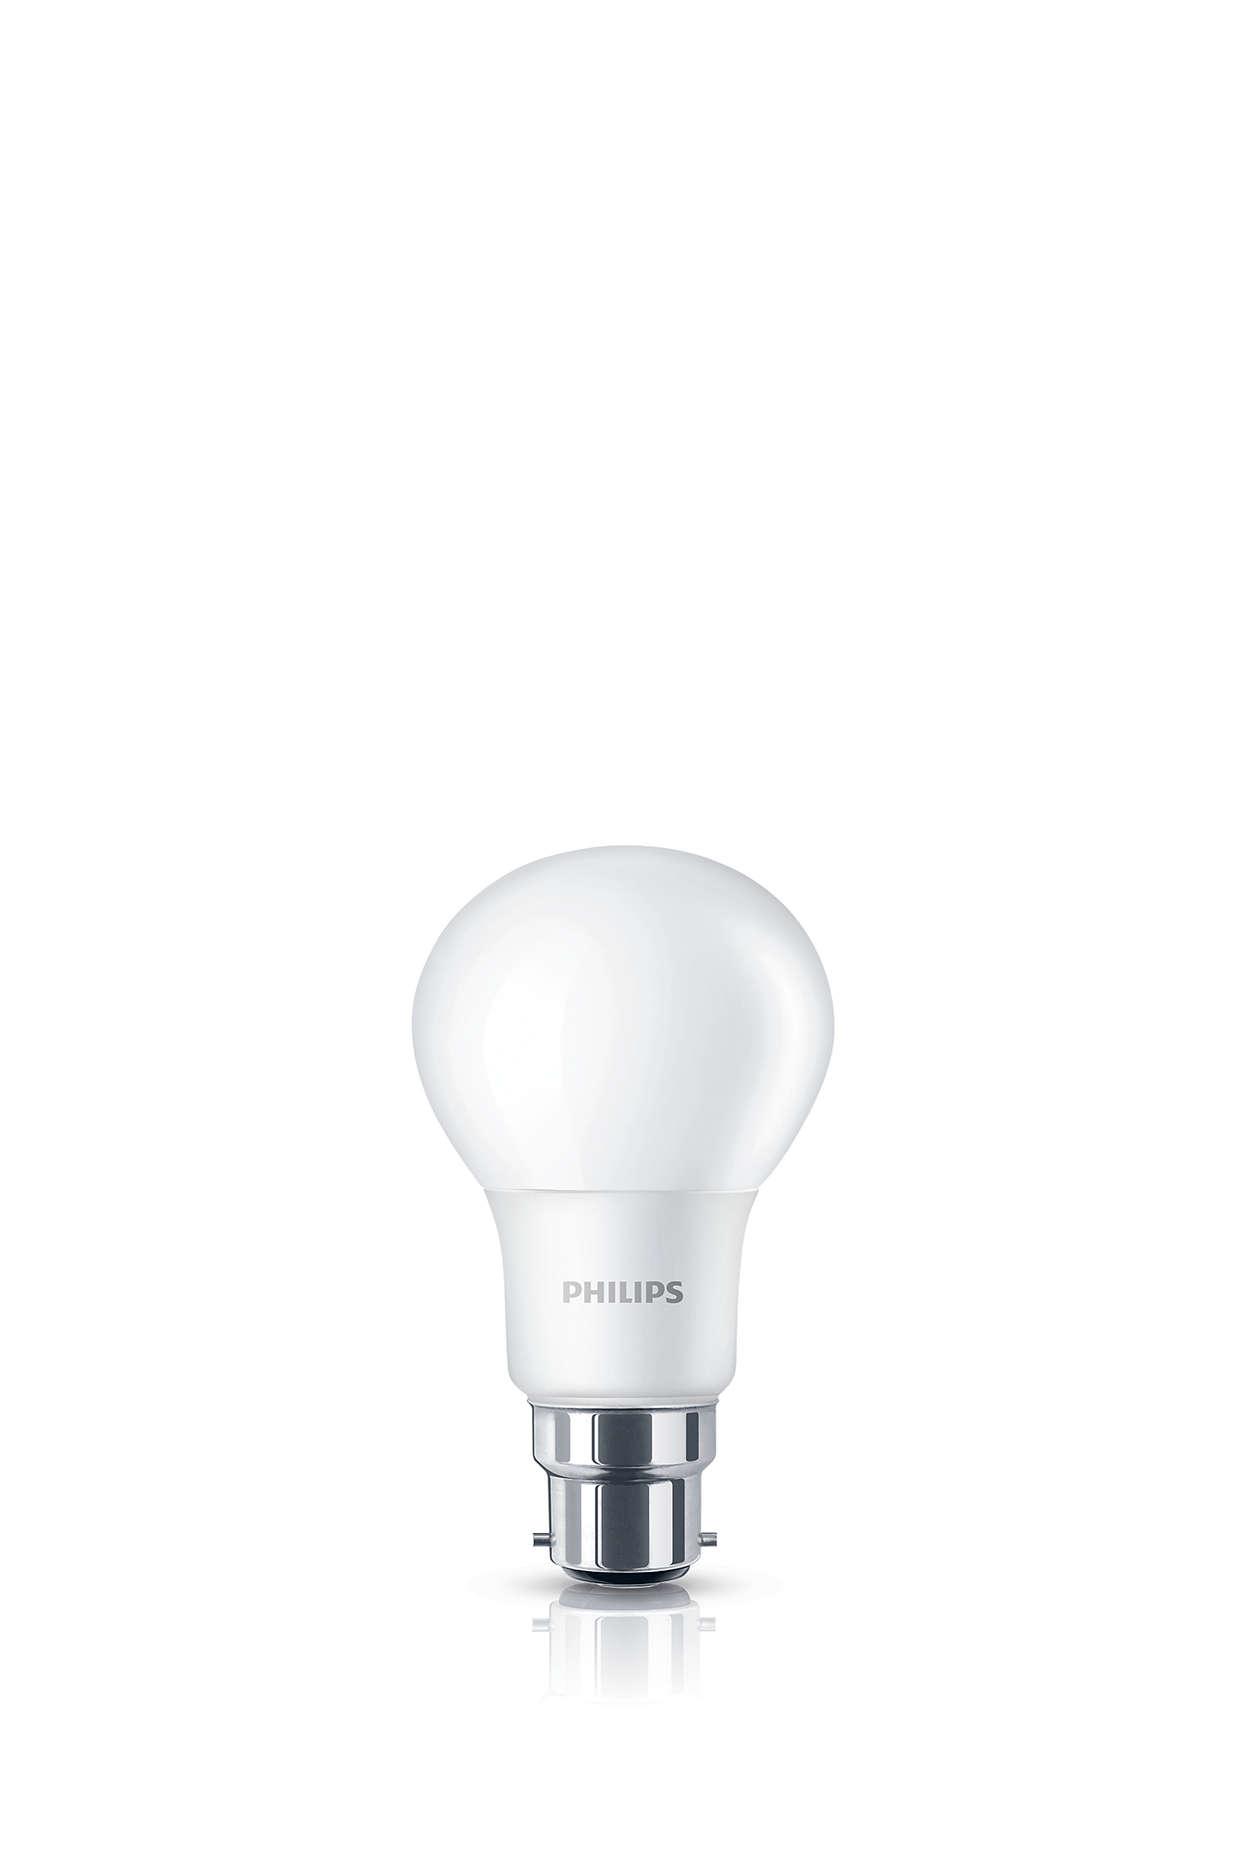 温白色、照明の品質を妥協しない